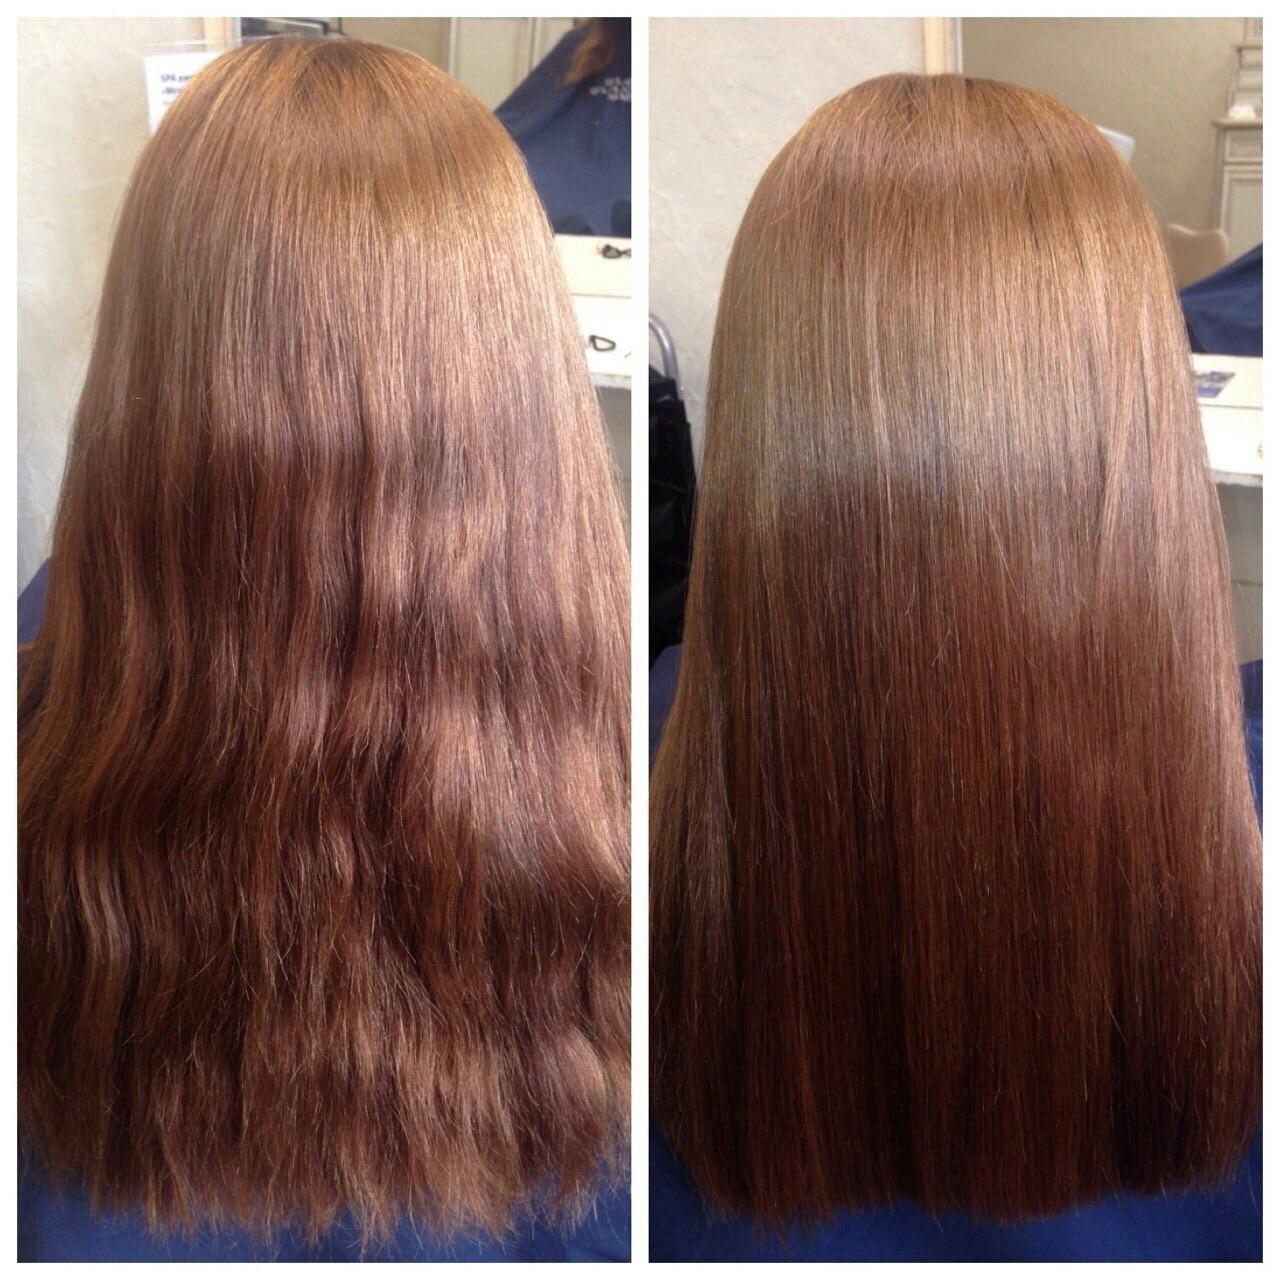 После полировки волосы